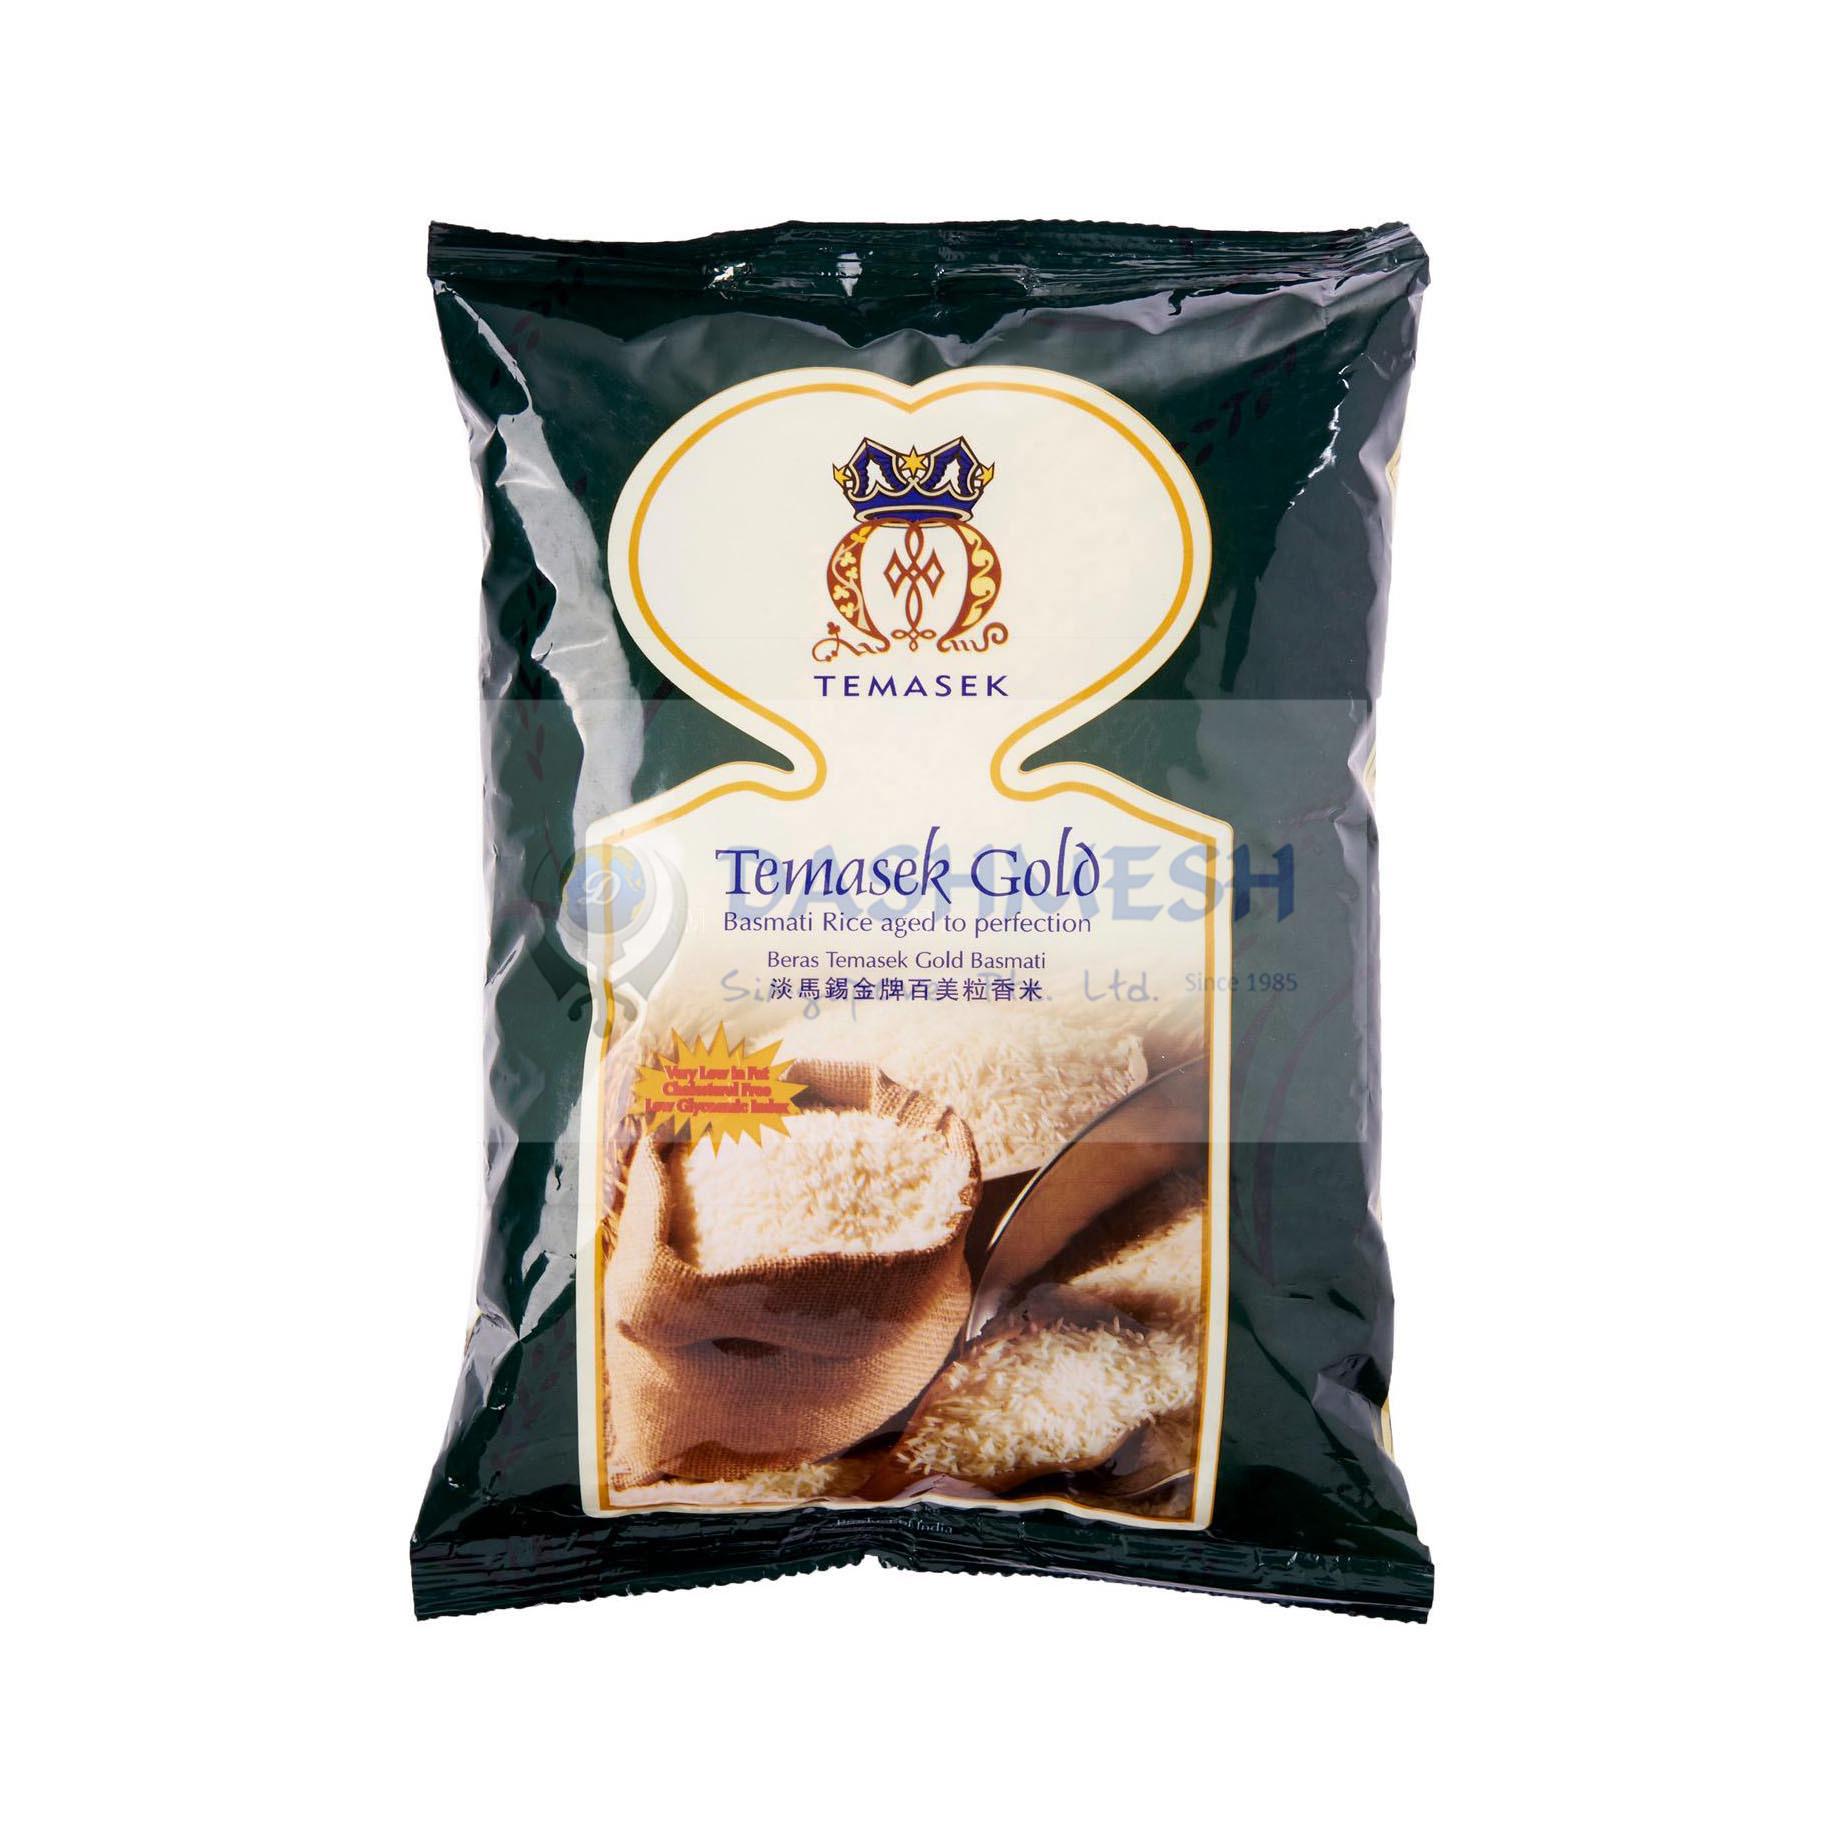 Temasek Gold Basmati Rice 1kg & 5Kg